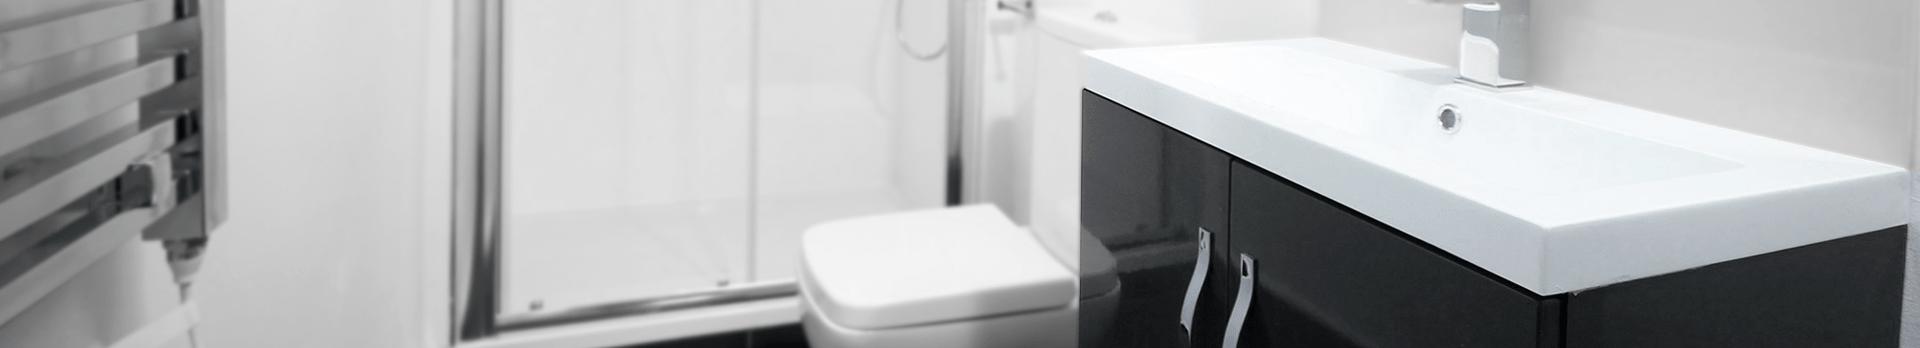 Mobiliario de baño | Cuartos de Baños Modernos | Mobelfy ®